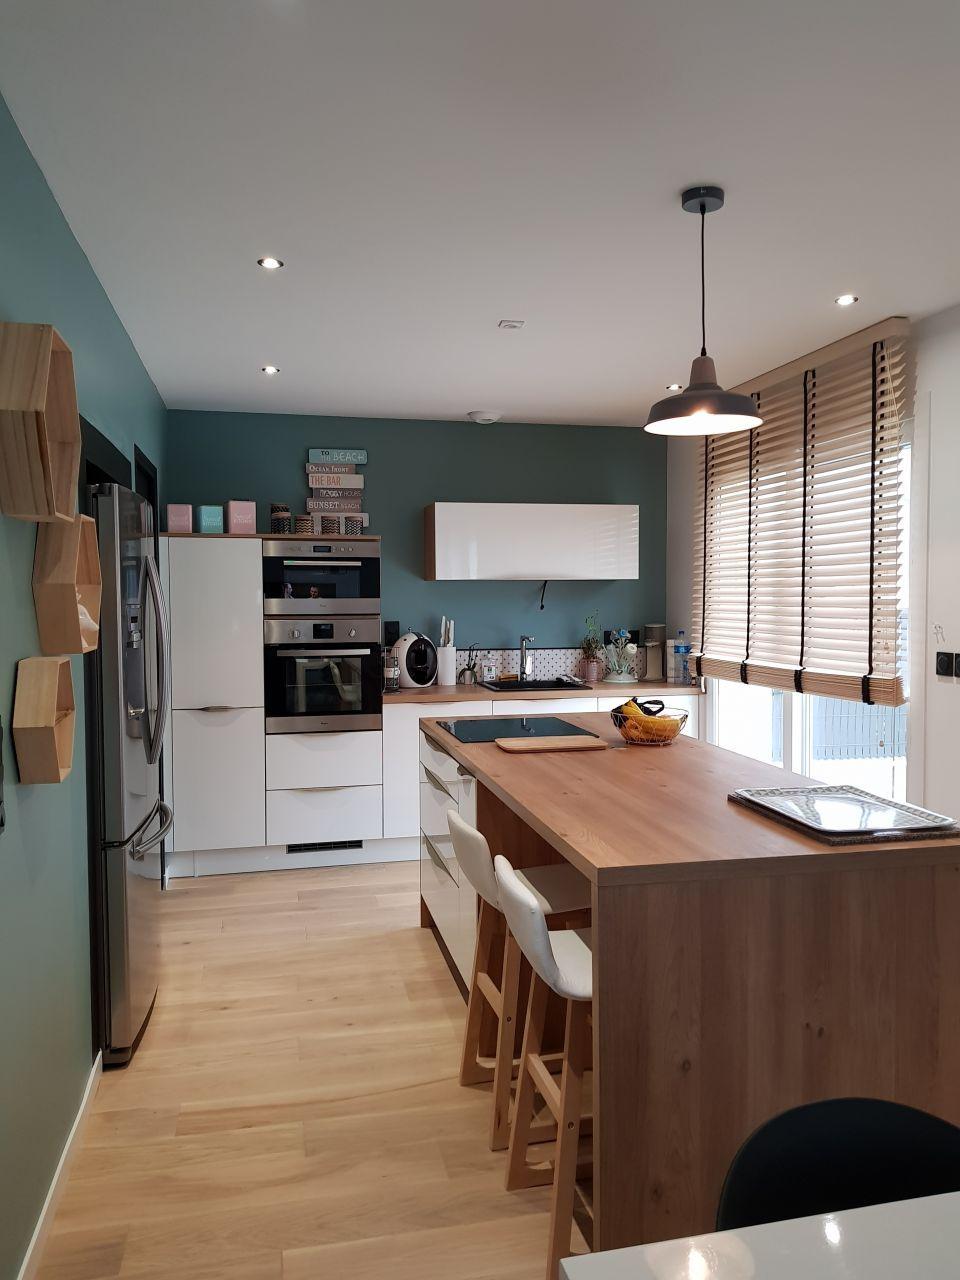 plan cuisine 12m2 meuble quax meuble bas roulettes mix et match bopita file dans ta chambre. Black Bedroom Furniture Sets. Home Design Ideas